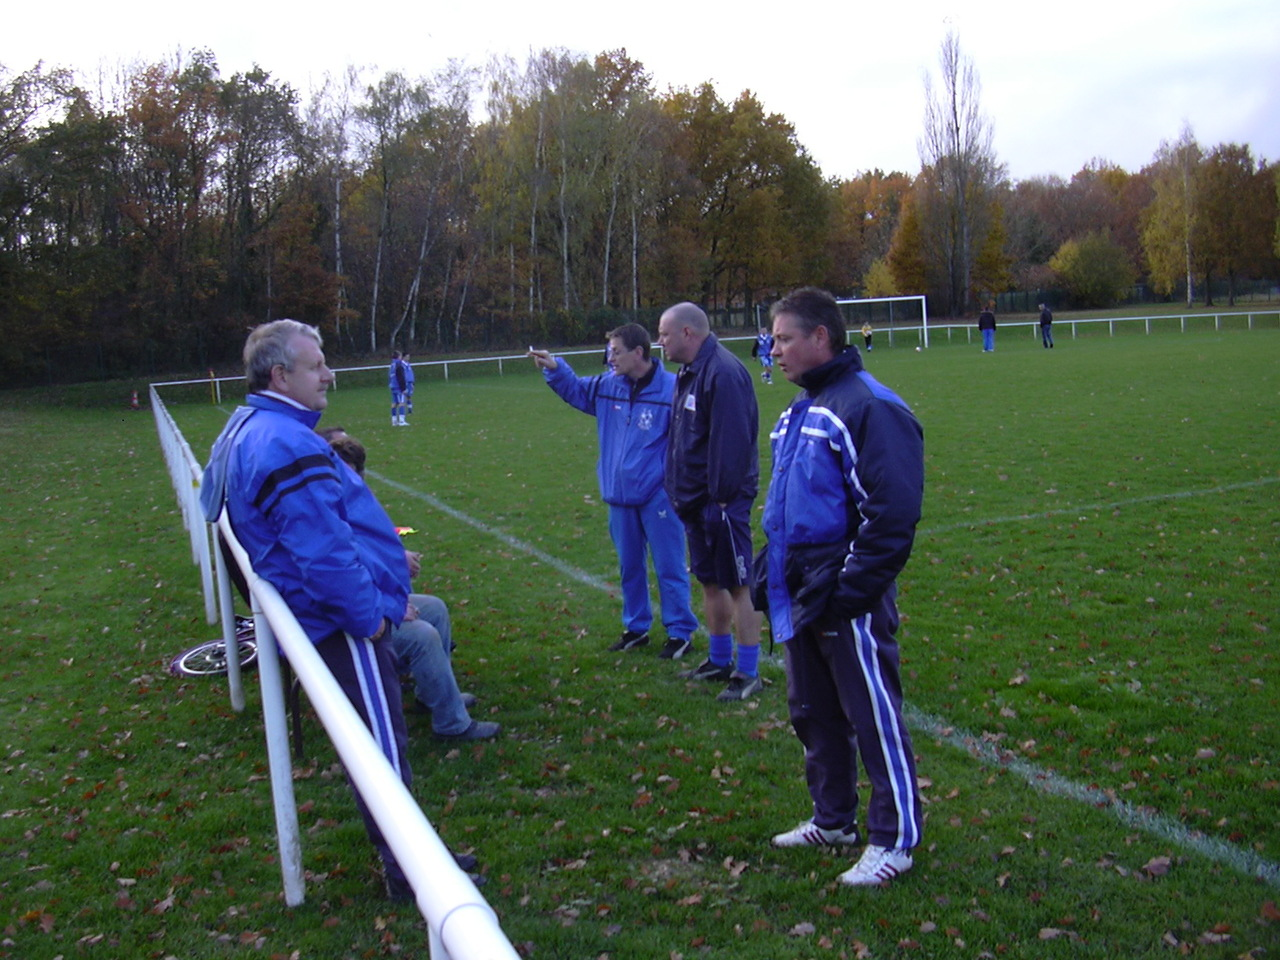 Quelqes bénévoles en train de discuter avant un match